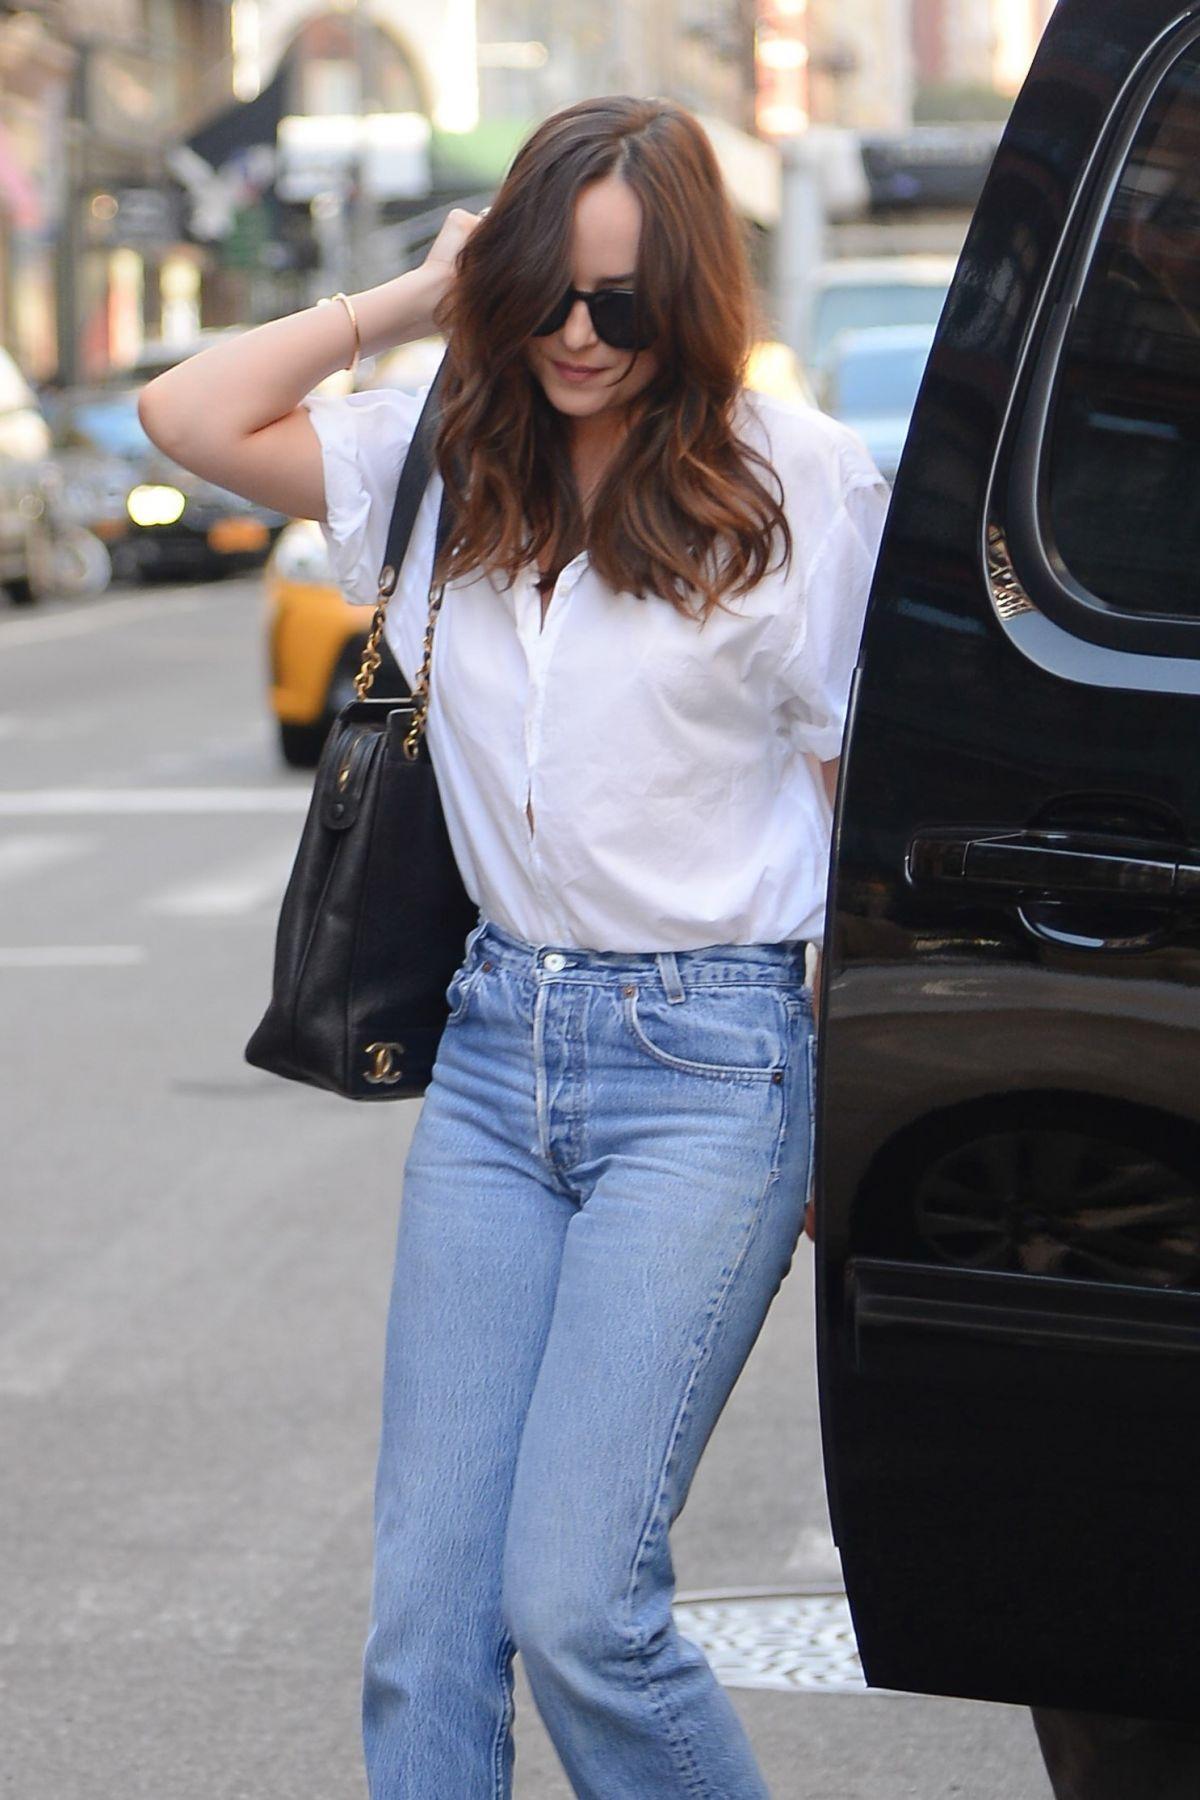 DAKOTA JOHNSON In Jeans Out In New York 0428201 HawtCelebs